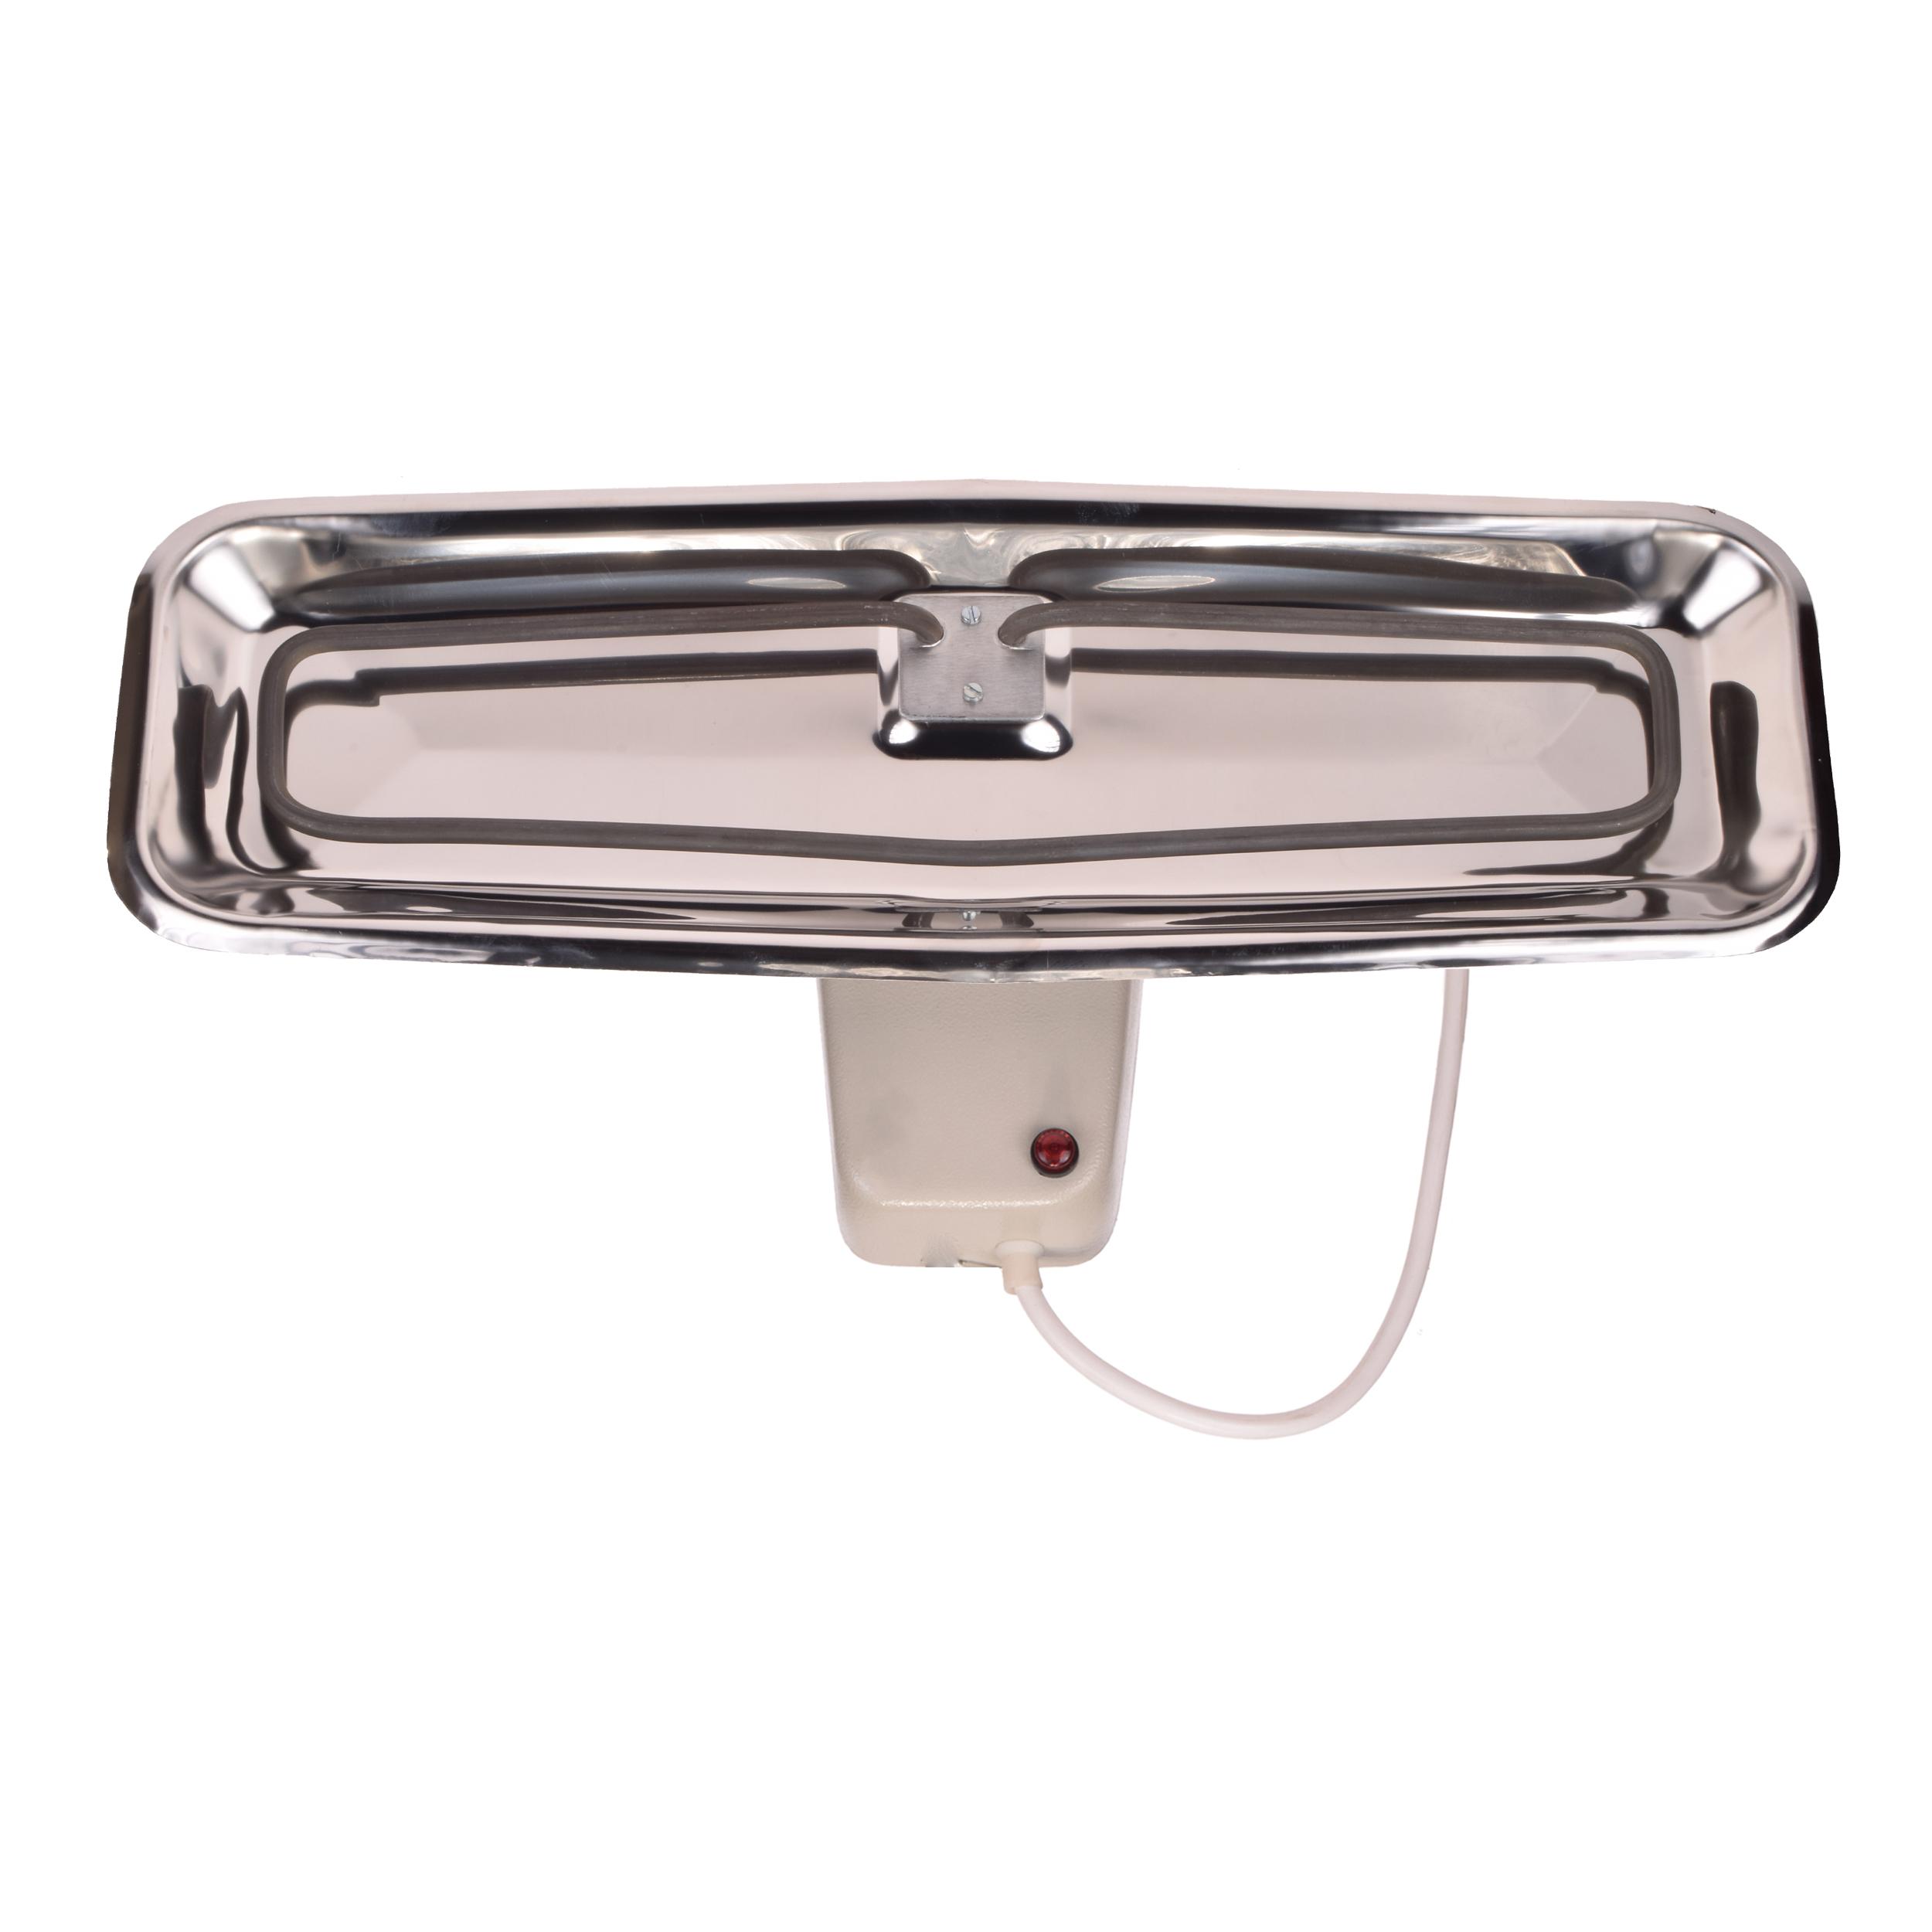 بخاری دیواری حمام پارس مدل 990701